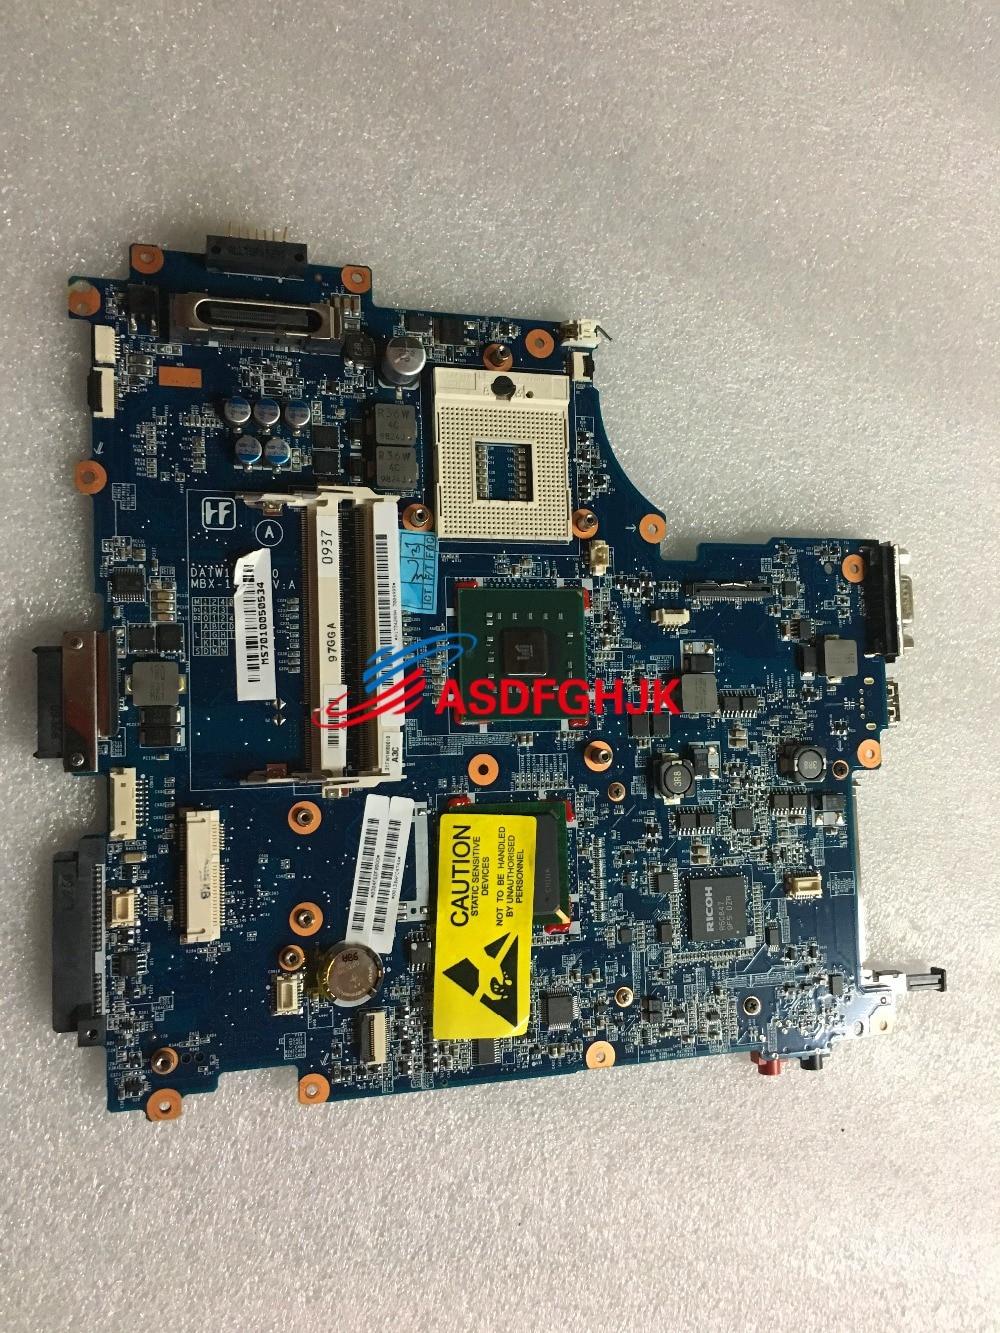 PER Sony VAIO VGN-VGN-BZ BZ11XN Scheda Madre MBX-193 DA0TW1MB8C0 A1542723A 100% TESED OKPER Sony VAIO VGN-VGN-BZ BZ11XN Scheda Madre MBX-193 DA0TW1MB8C0 A1542723A 100% TESED OK